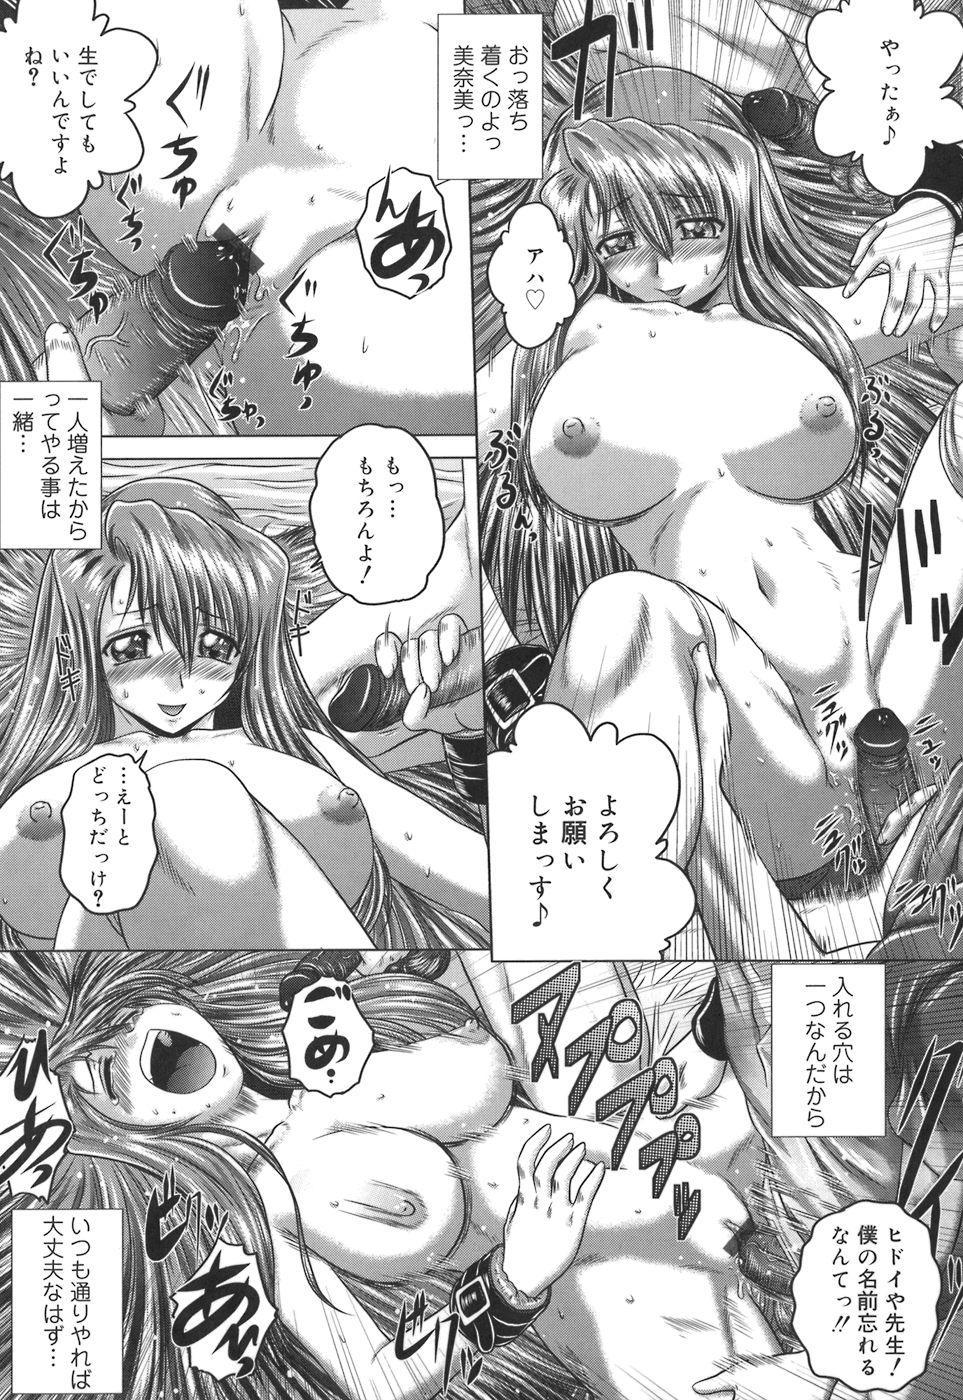 Iroka no Himitsu 20